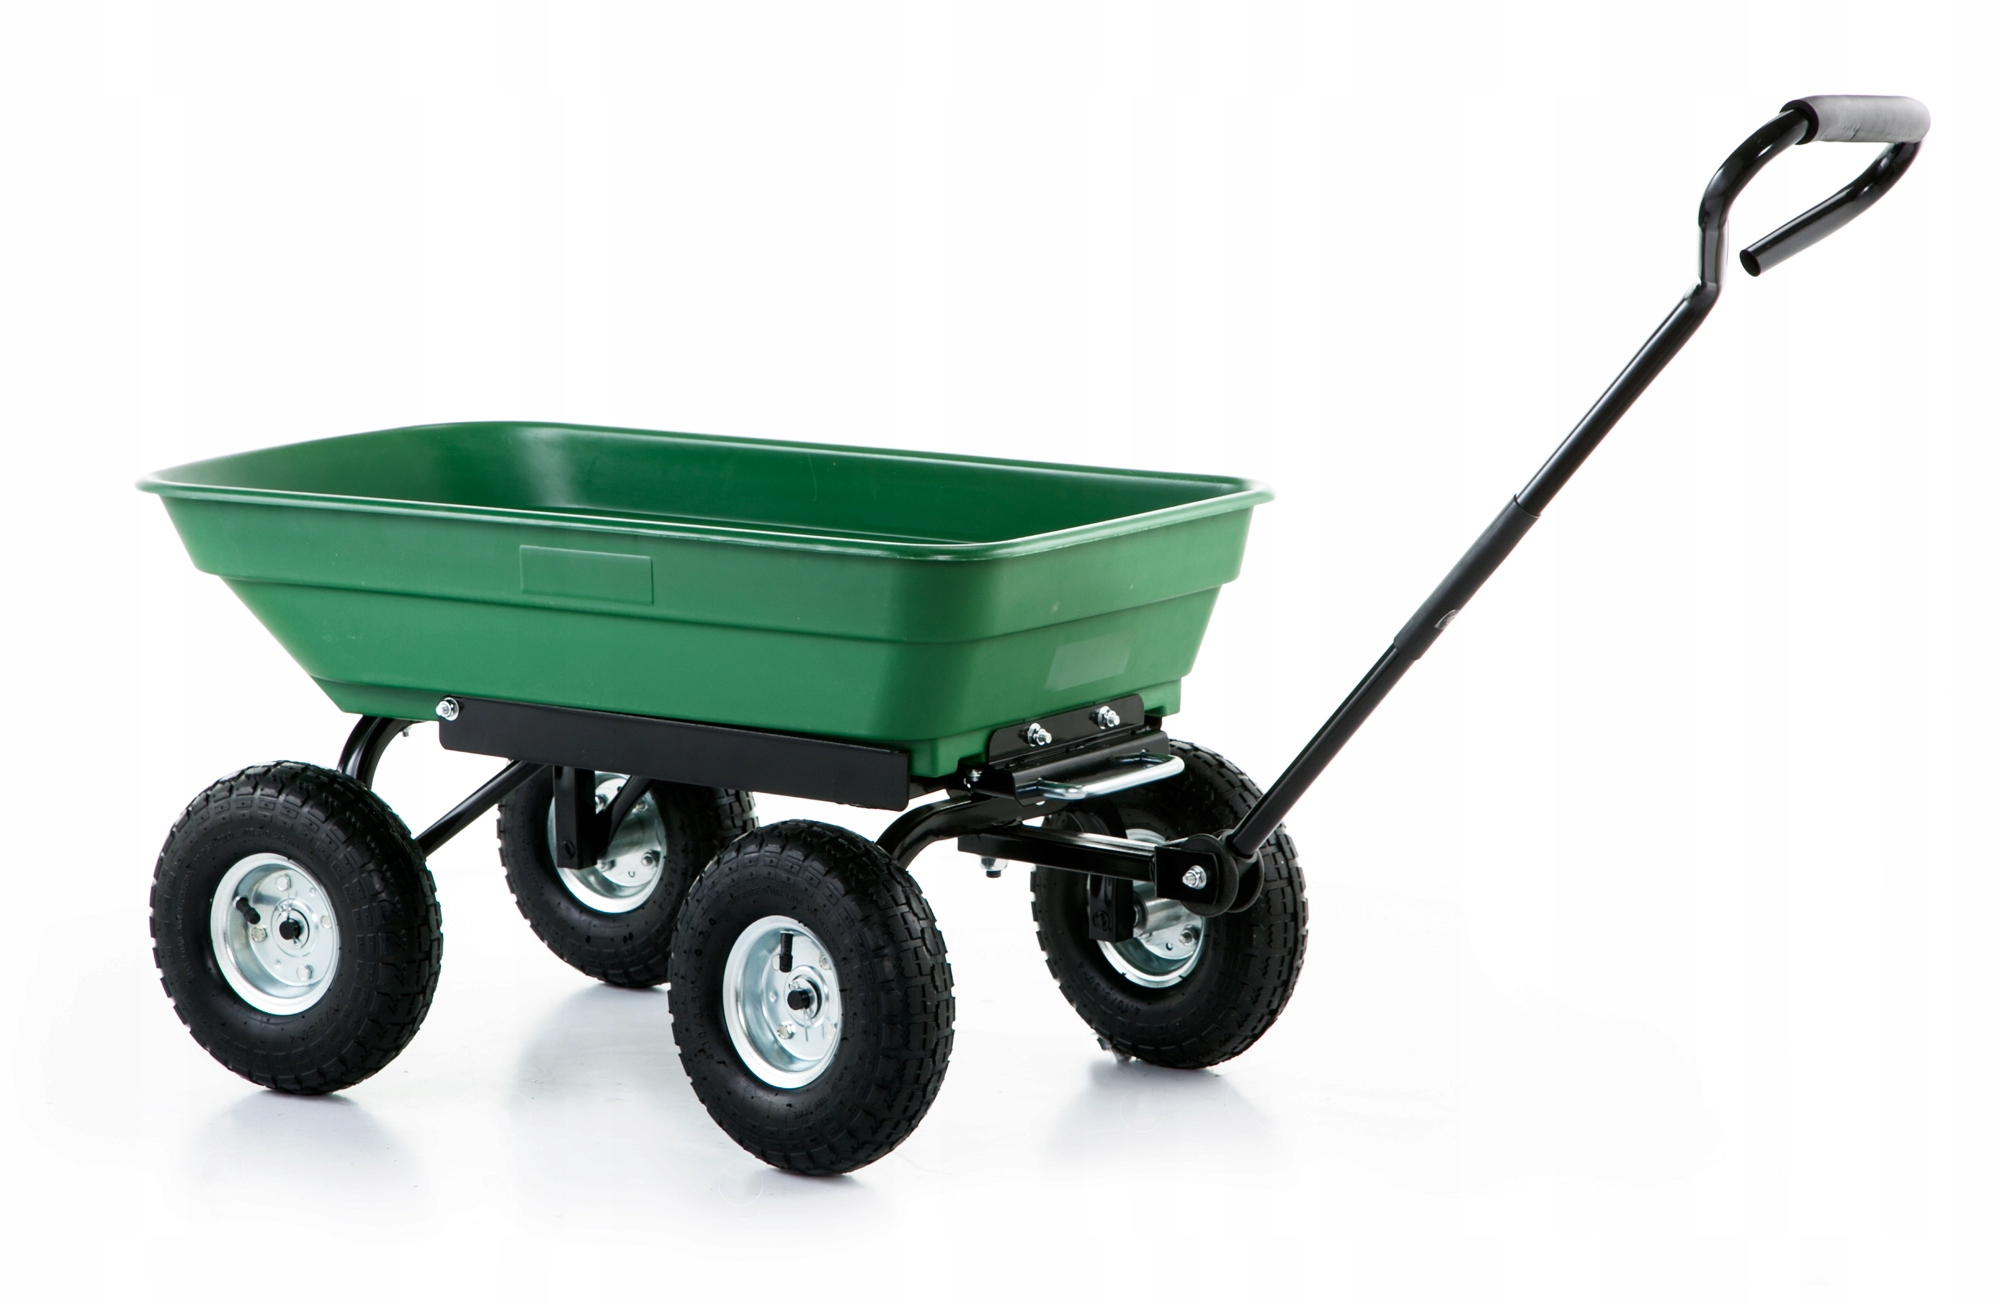 Taczka wózek ogrodowy transportowy wywrotka 350kg Marka Higher